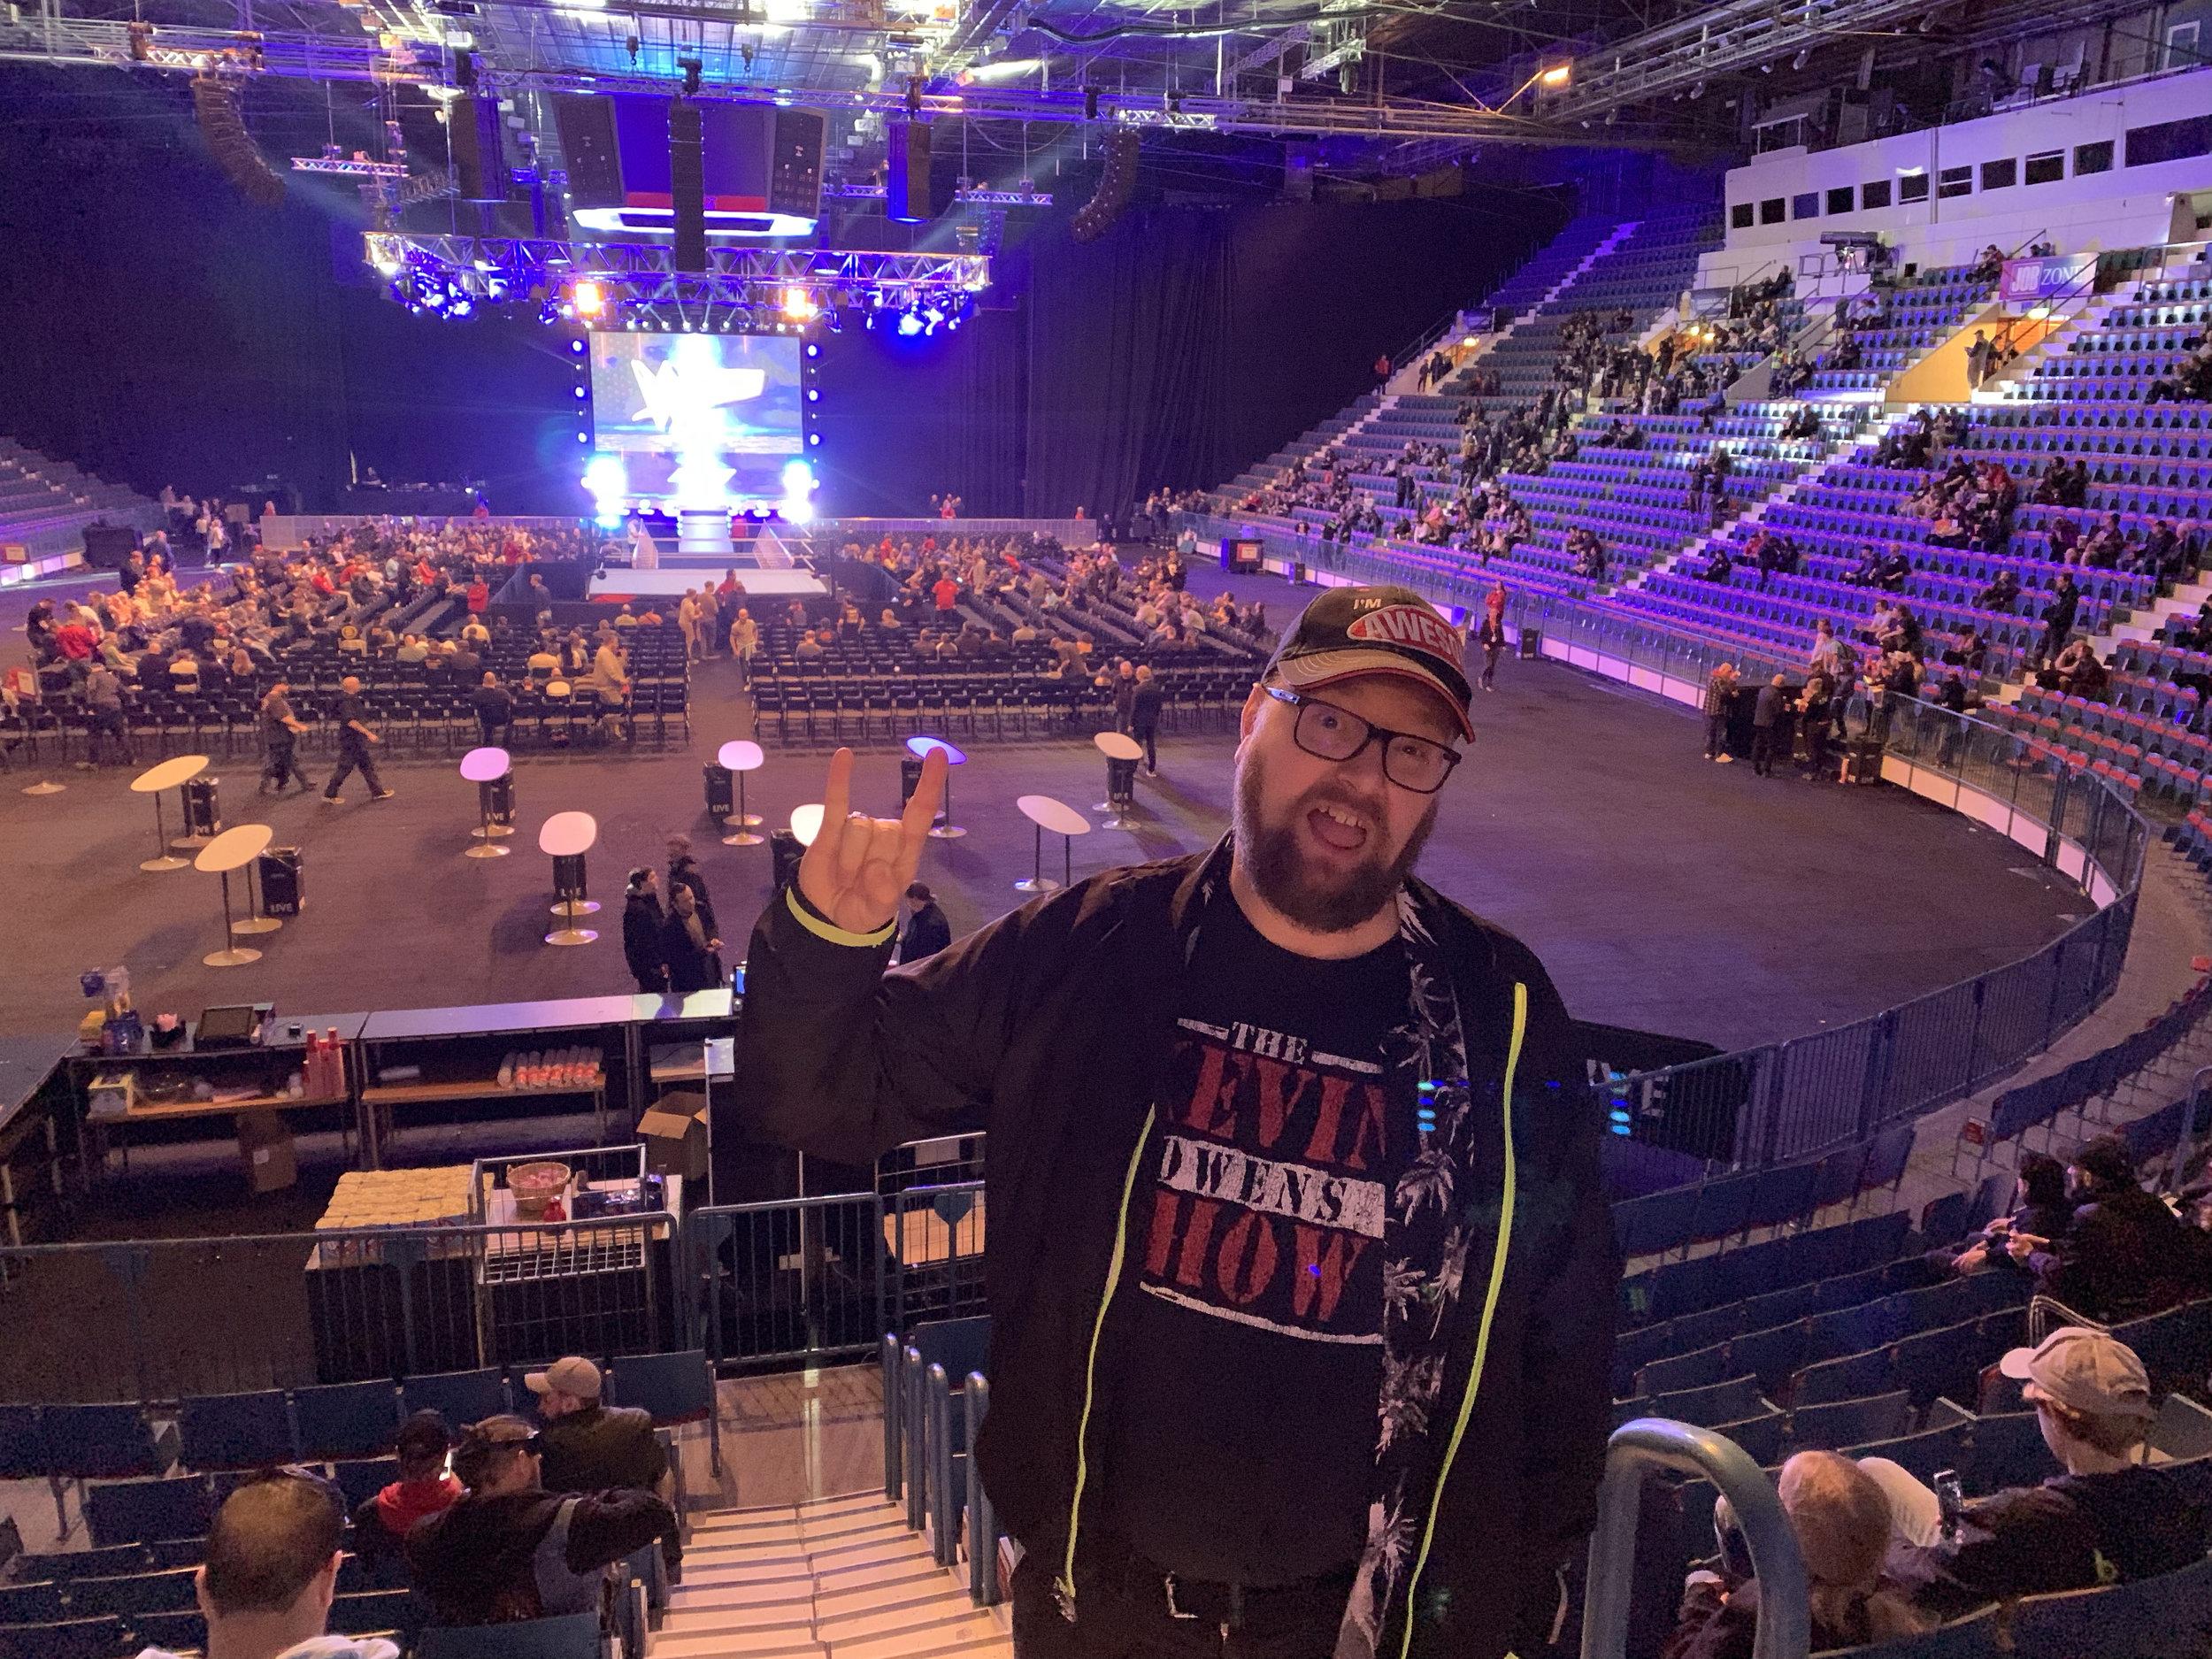 Redaktionens största wrestlingfan, och skribent på kultursidan Intressesfären, Daniel Gustavsson är redo!  FOTO: Johan Beijer, Kuxagruppen AB